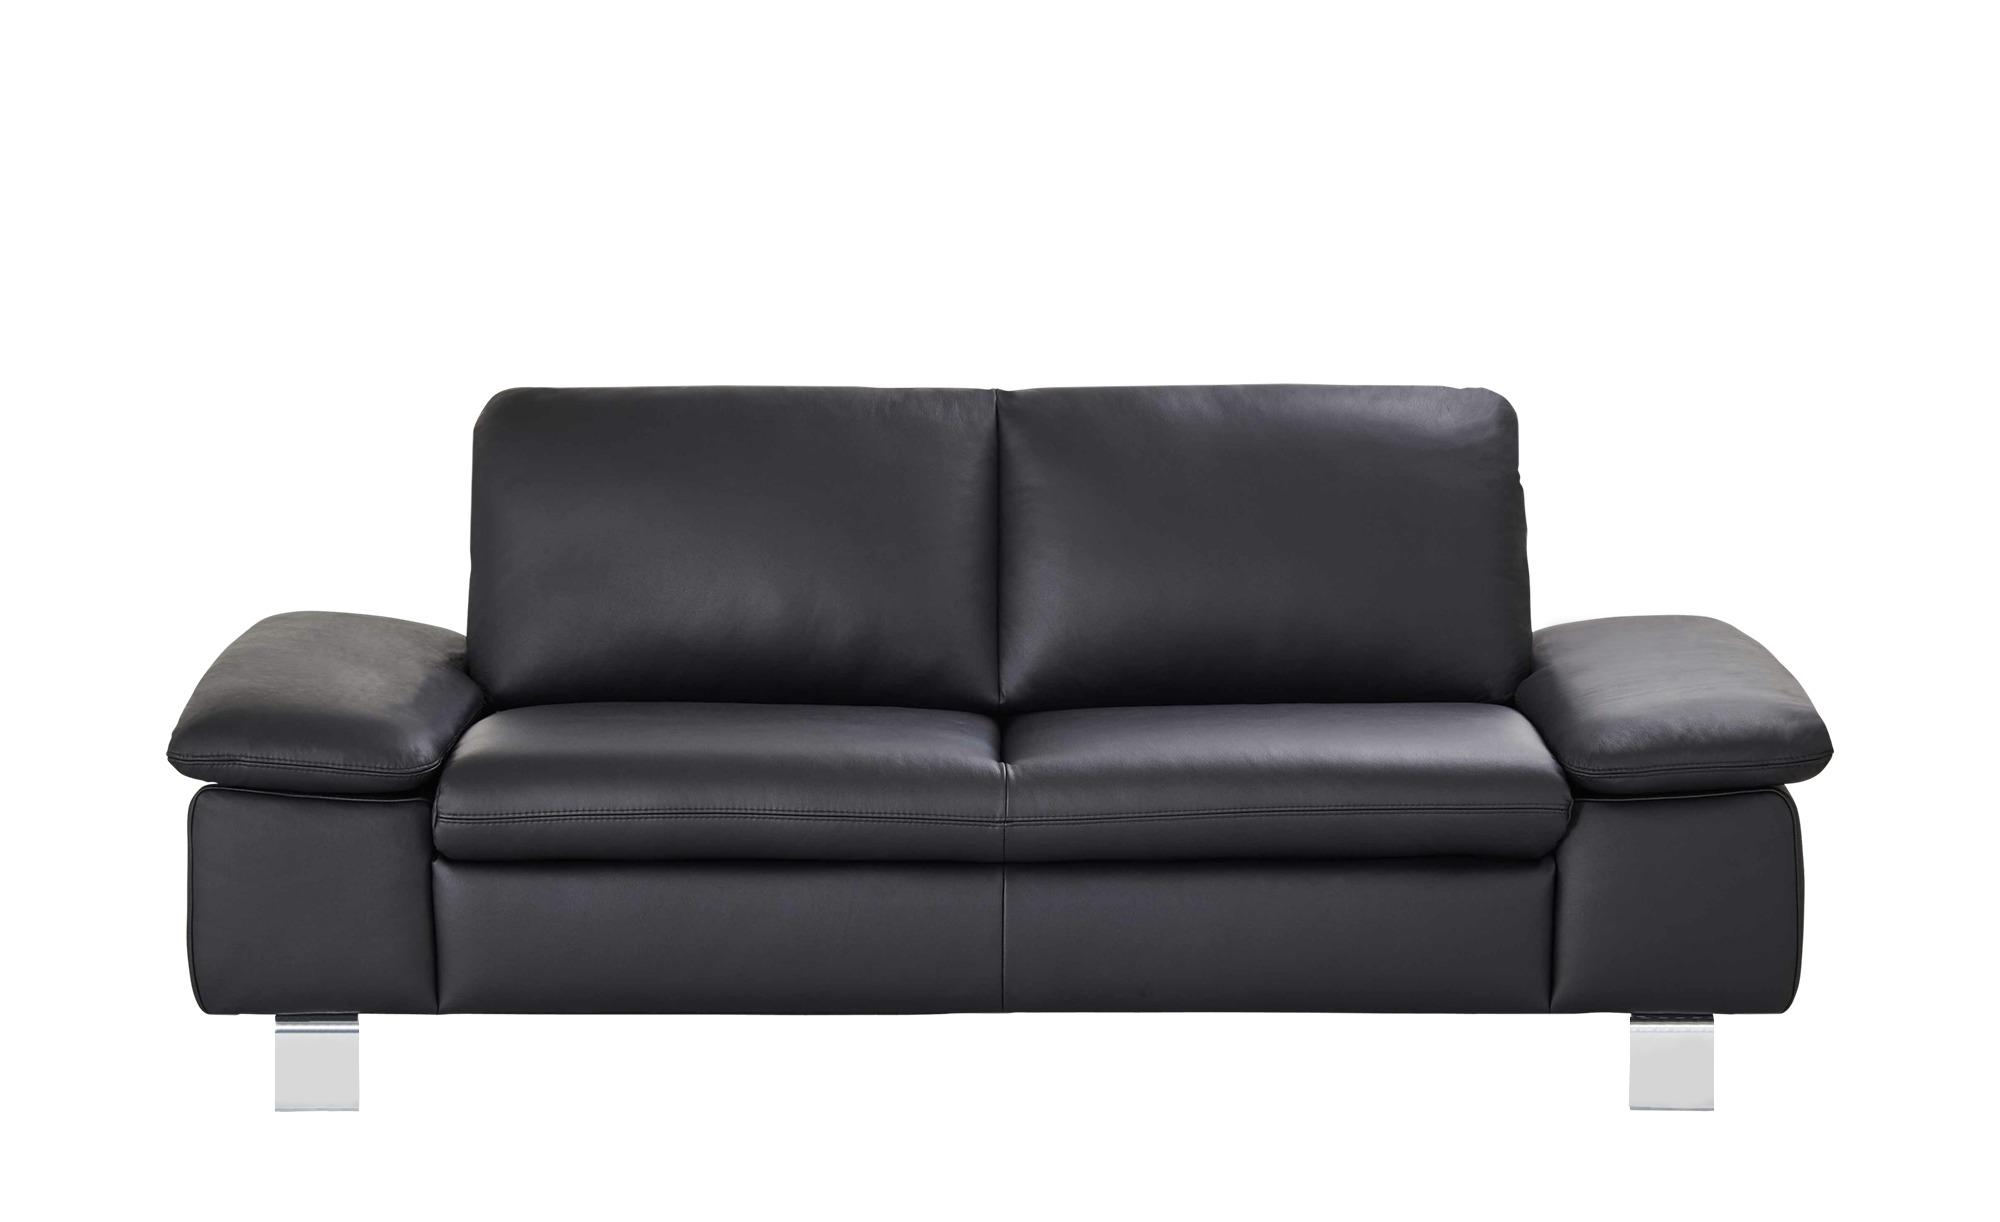 smart Sofa schwarz - Leder Finola ¦ schwarz ¦ Maße (cm): B: 181 H: 83 T: 94 Polstermöbel > Sofas > 2-Sitzer - Höffner